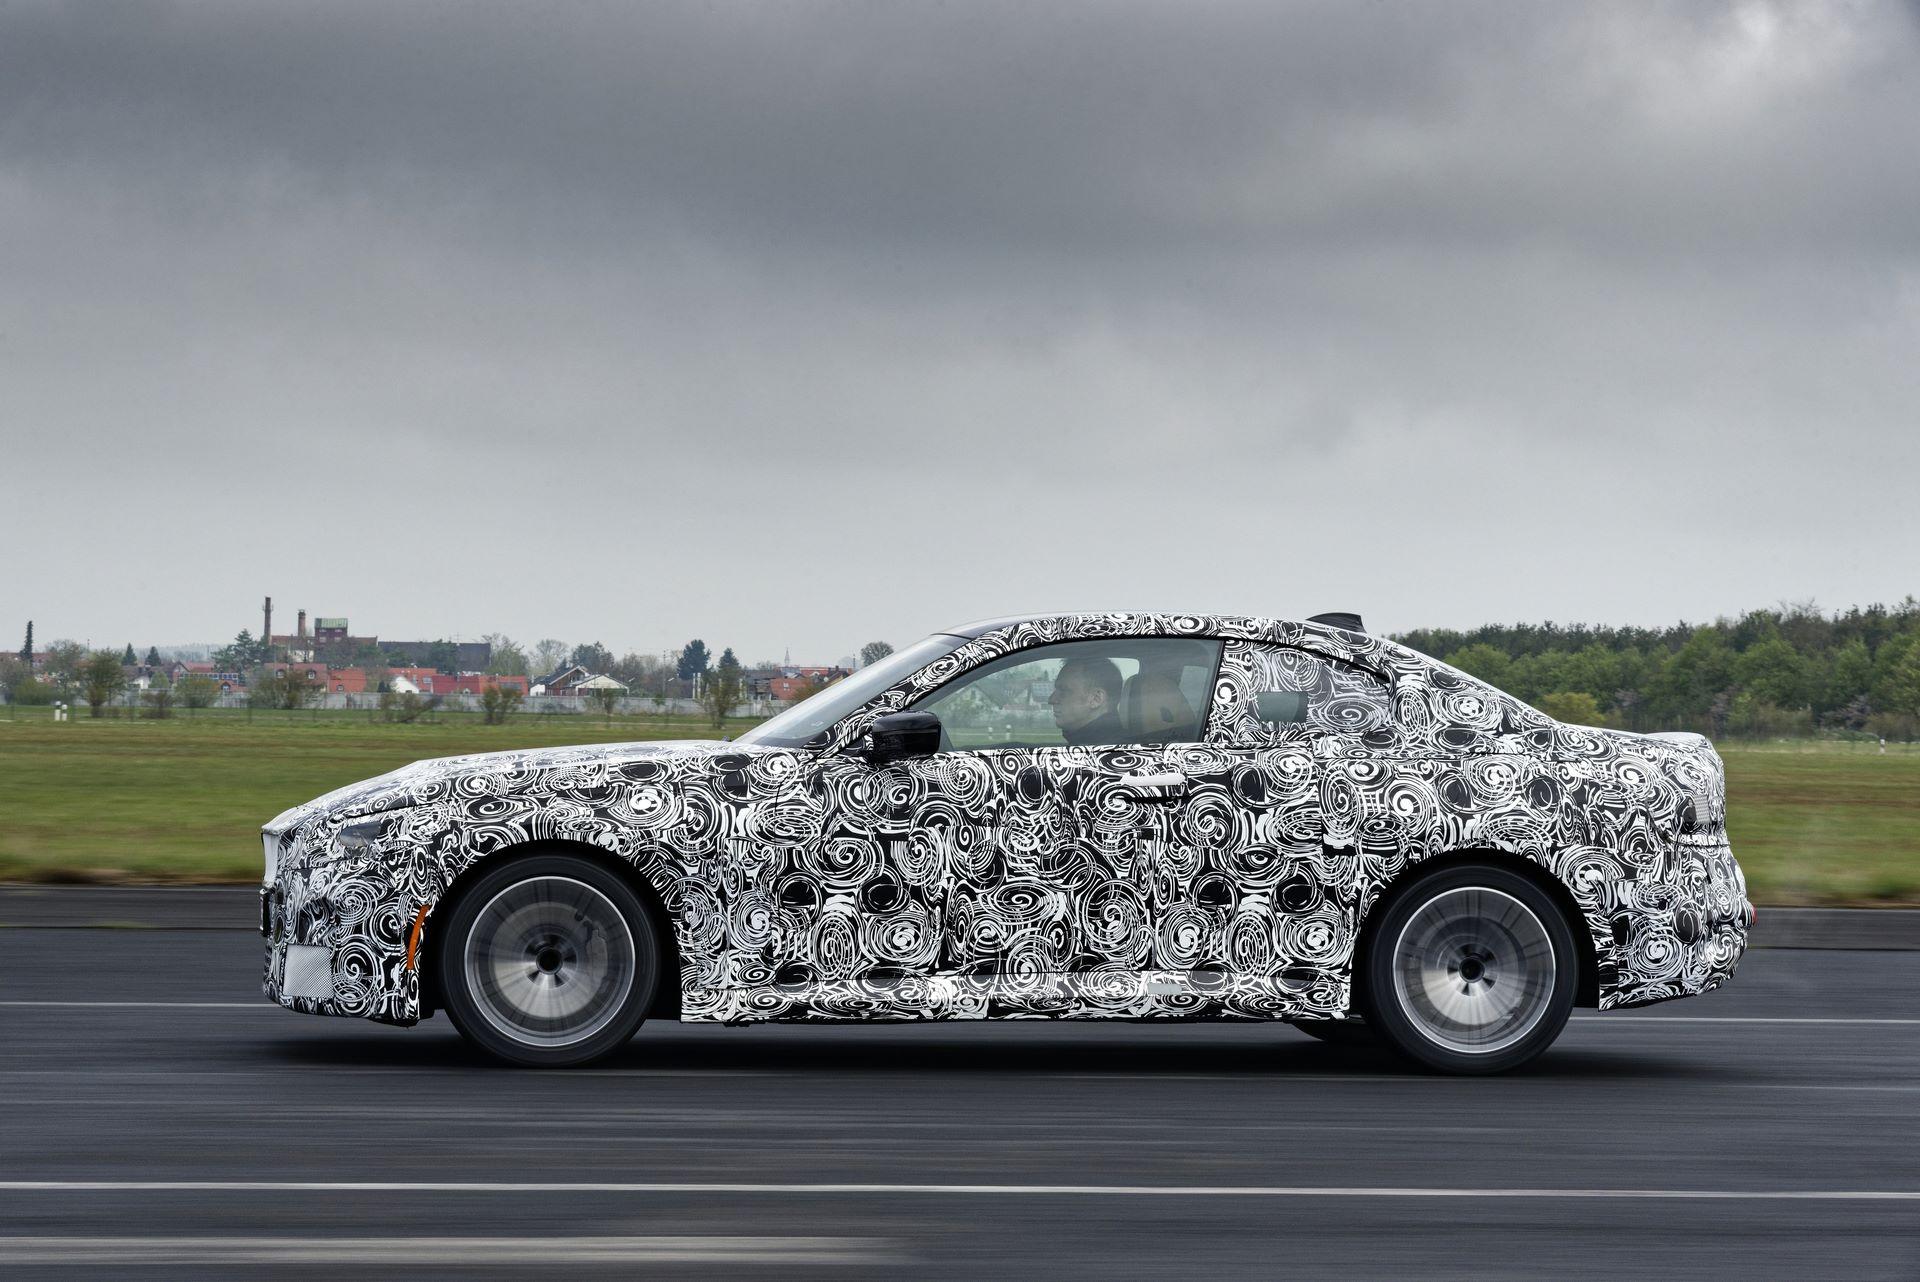 BMW-2-Series-M240i-spy-photos-9